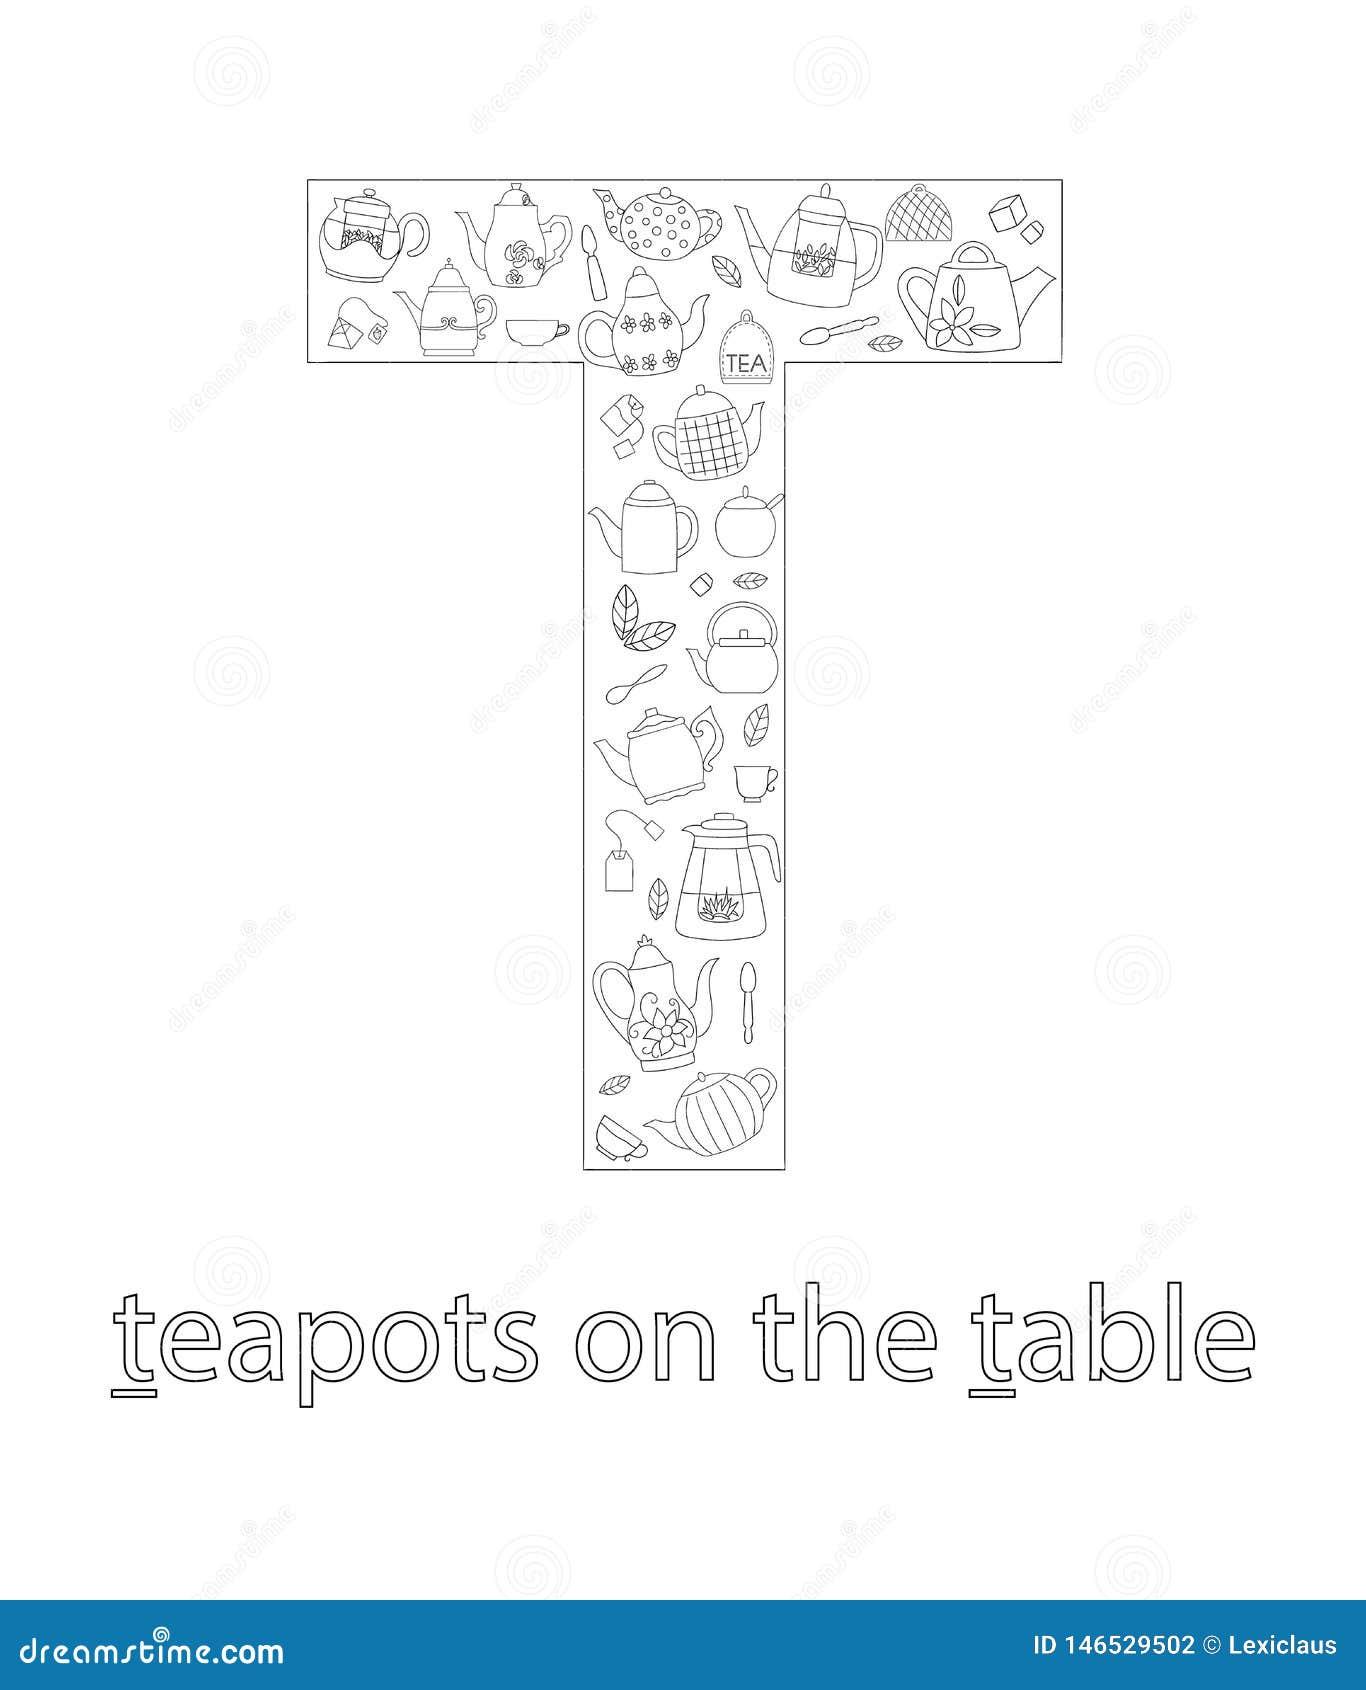 Svartvit alfabetbokstav T abcflashcard